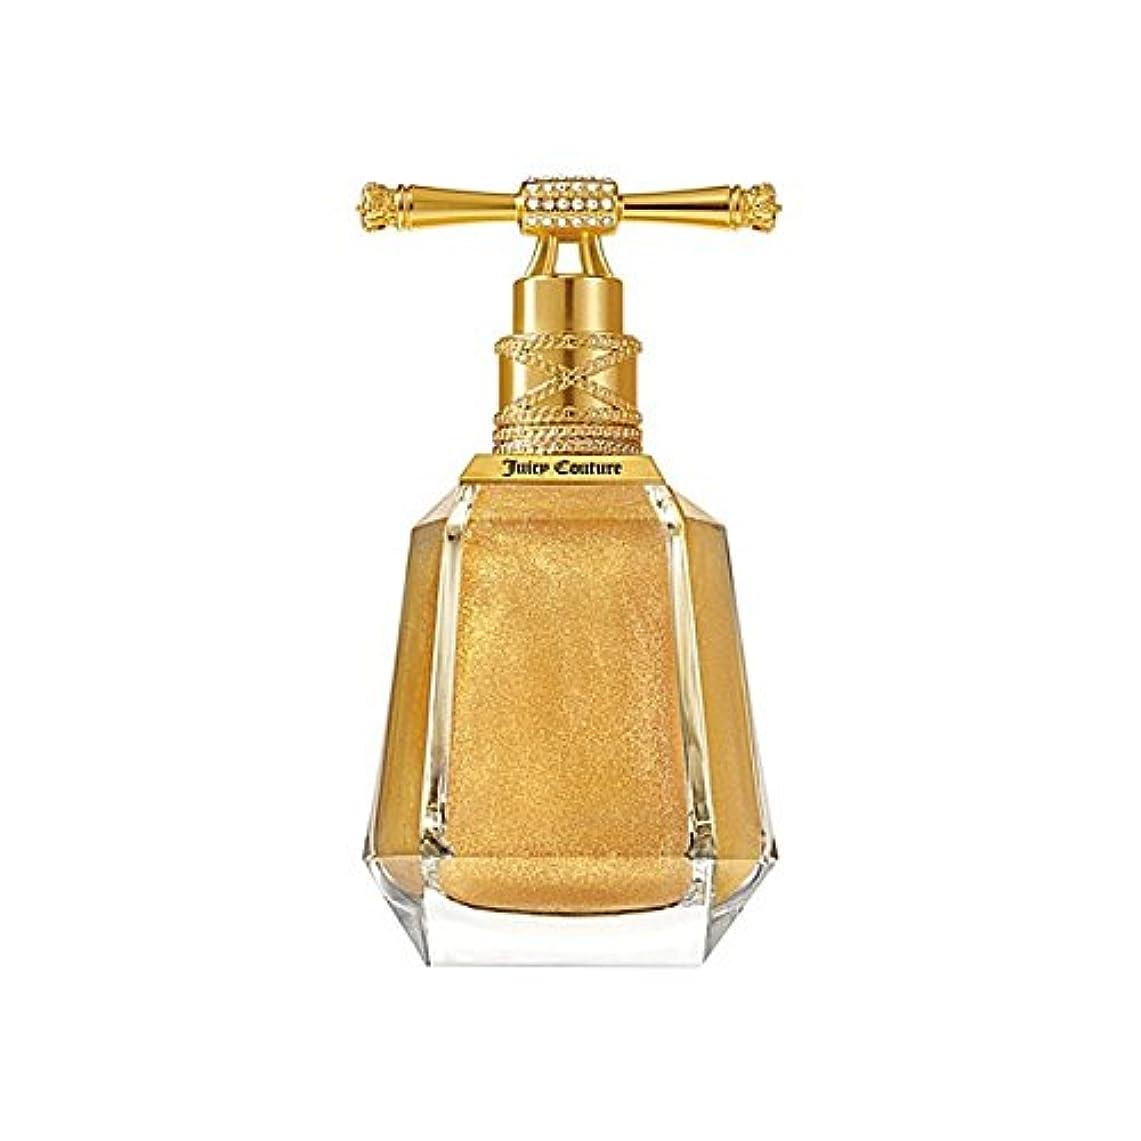 病な征服所持Juicy Couture Dry Oil Shimmer Mist 100ml - ジューシークチュールドライオイルきらめきミスト100ミリリットル [並行輸入品]